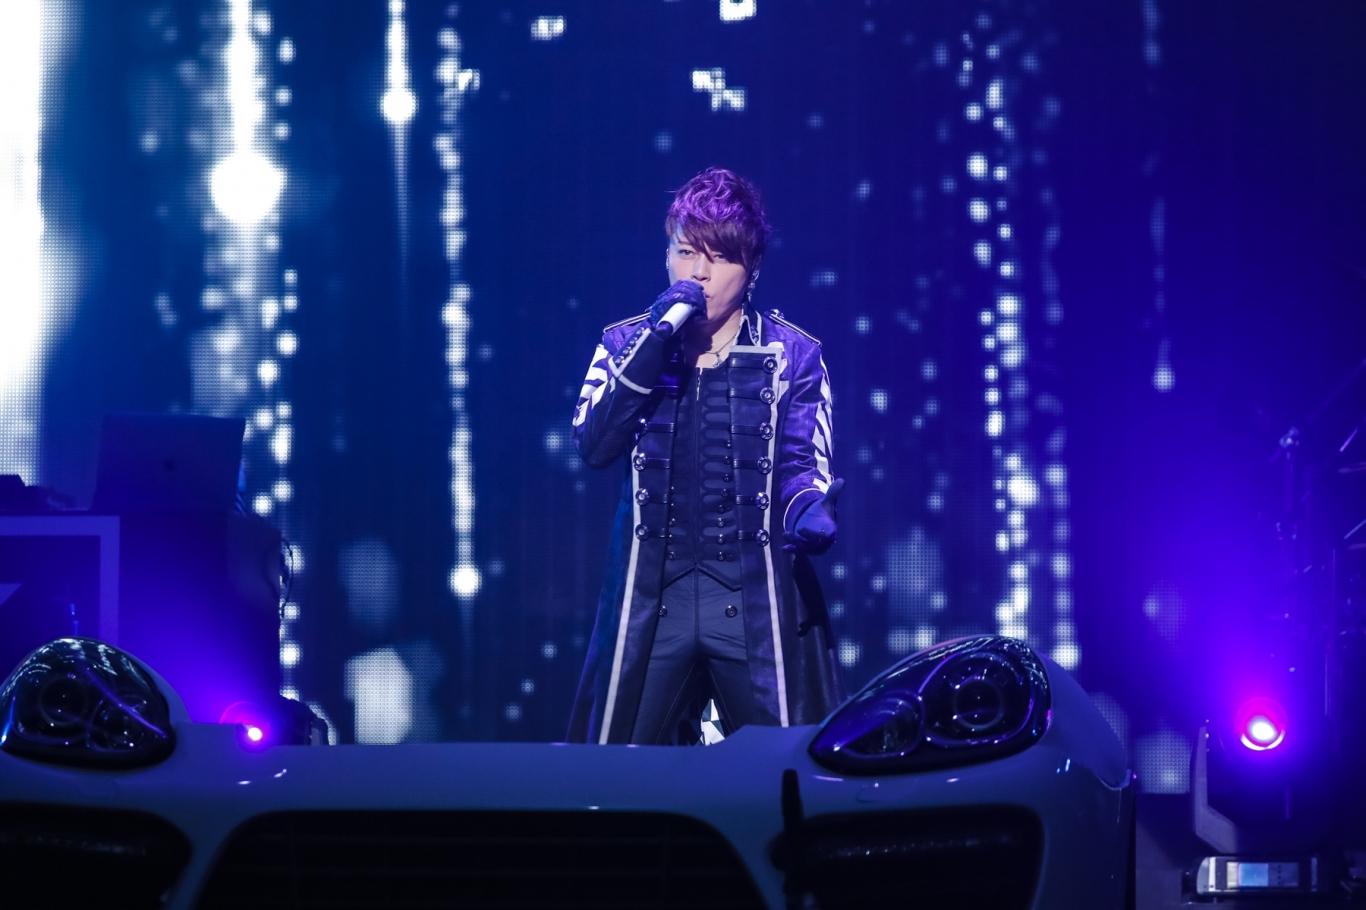 西川貴教 『Takanori Nishikawa LIVE TOUR 001[SINGularity]』Zepp Tokyoファイナル Photo by CHIE KATO (CAPS)